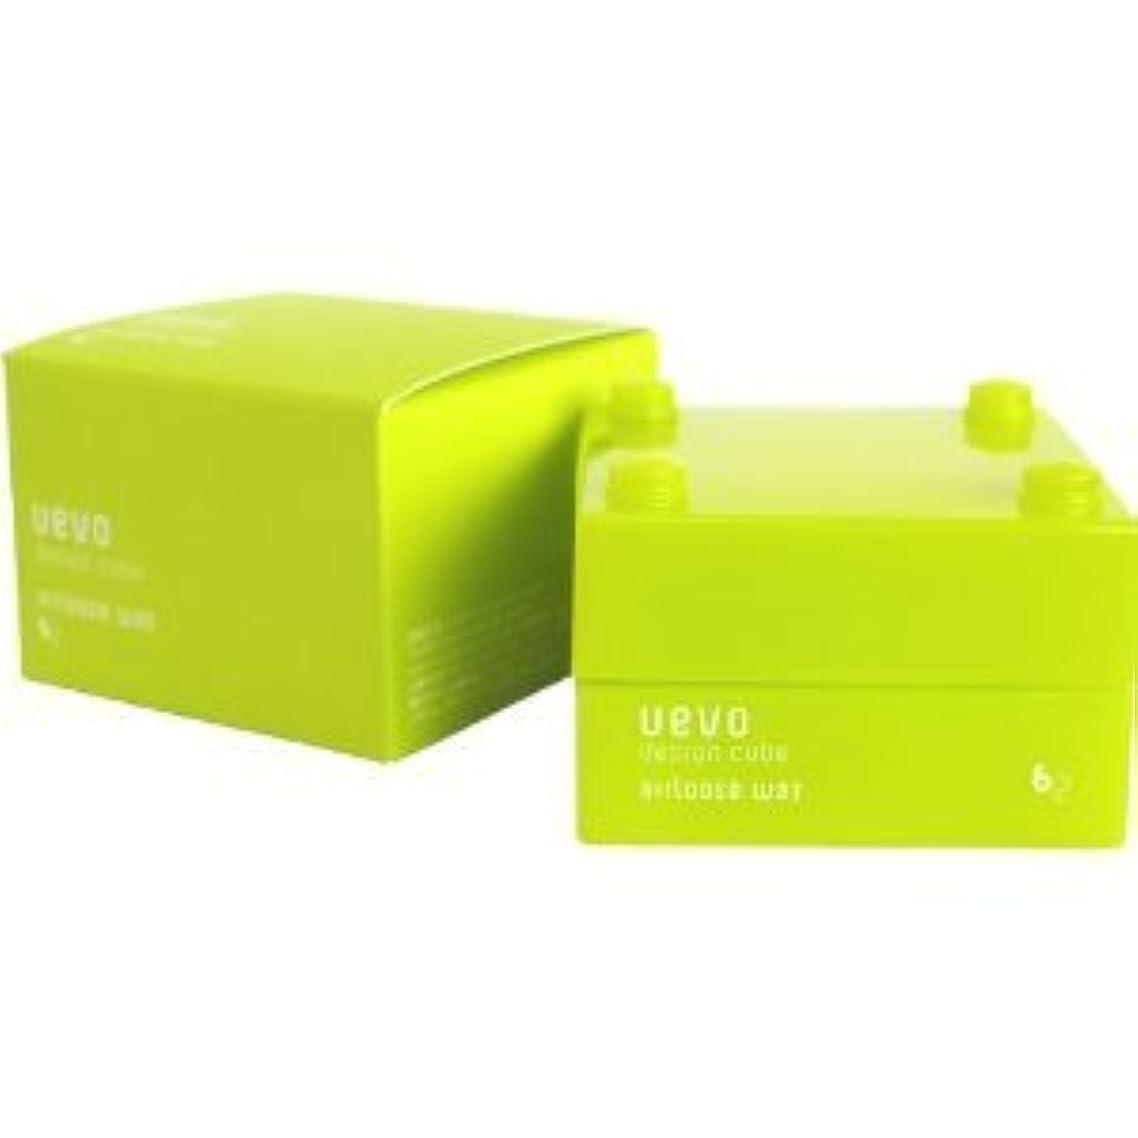 品種本当のことを言うと安心【X2個セット】 デミ ウェーボ デザインキューブ エアルーズワックス 30g airloose wax DEMI uevo design cube